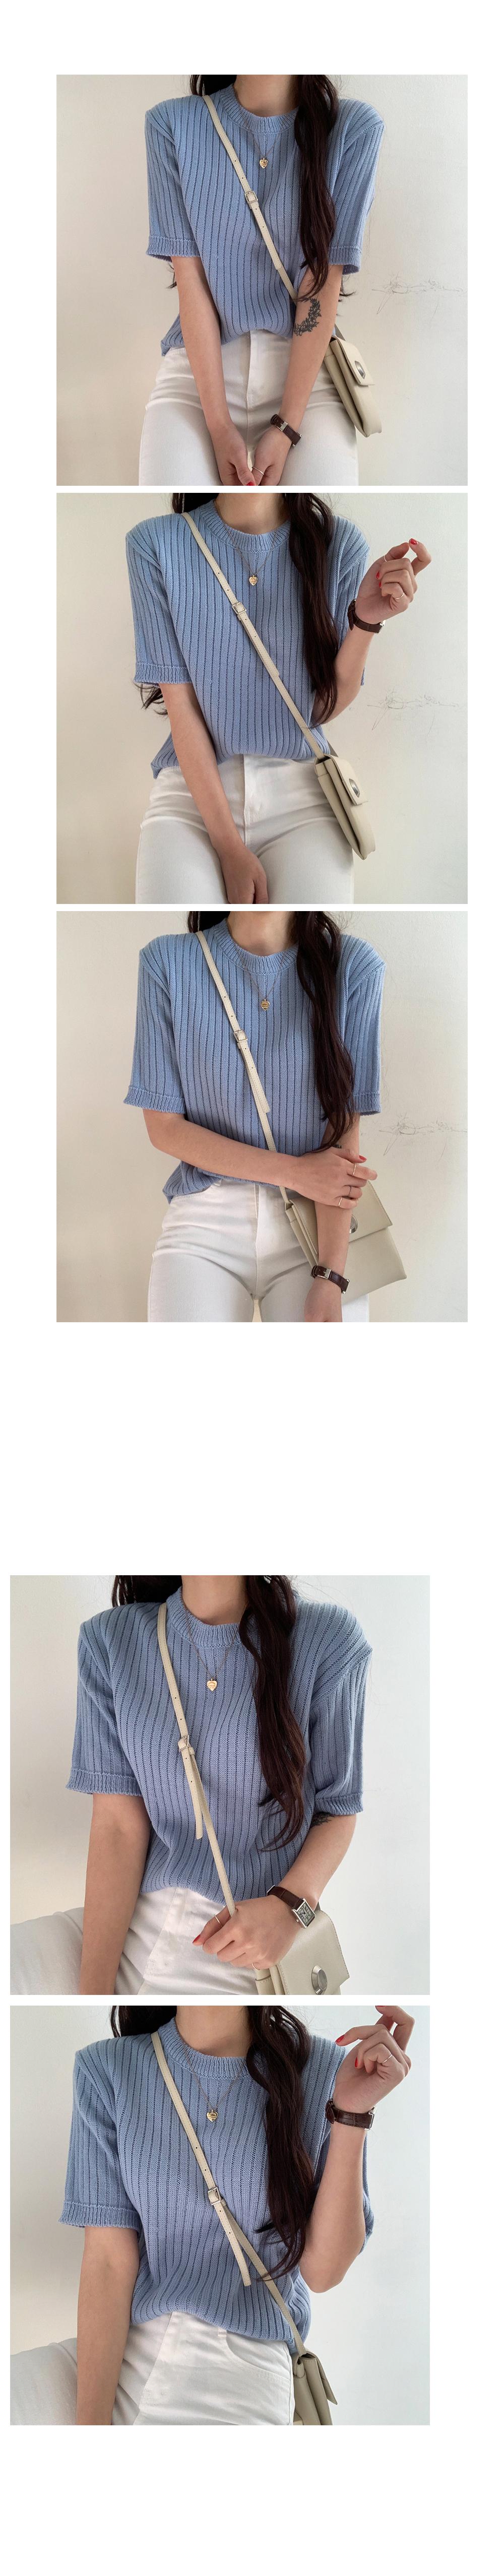 Light knit short sleeve